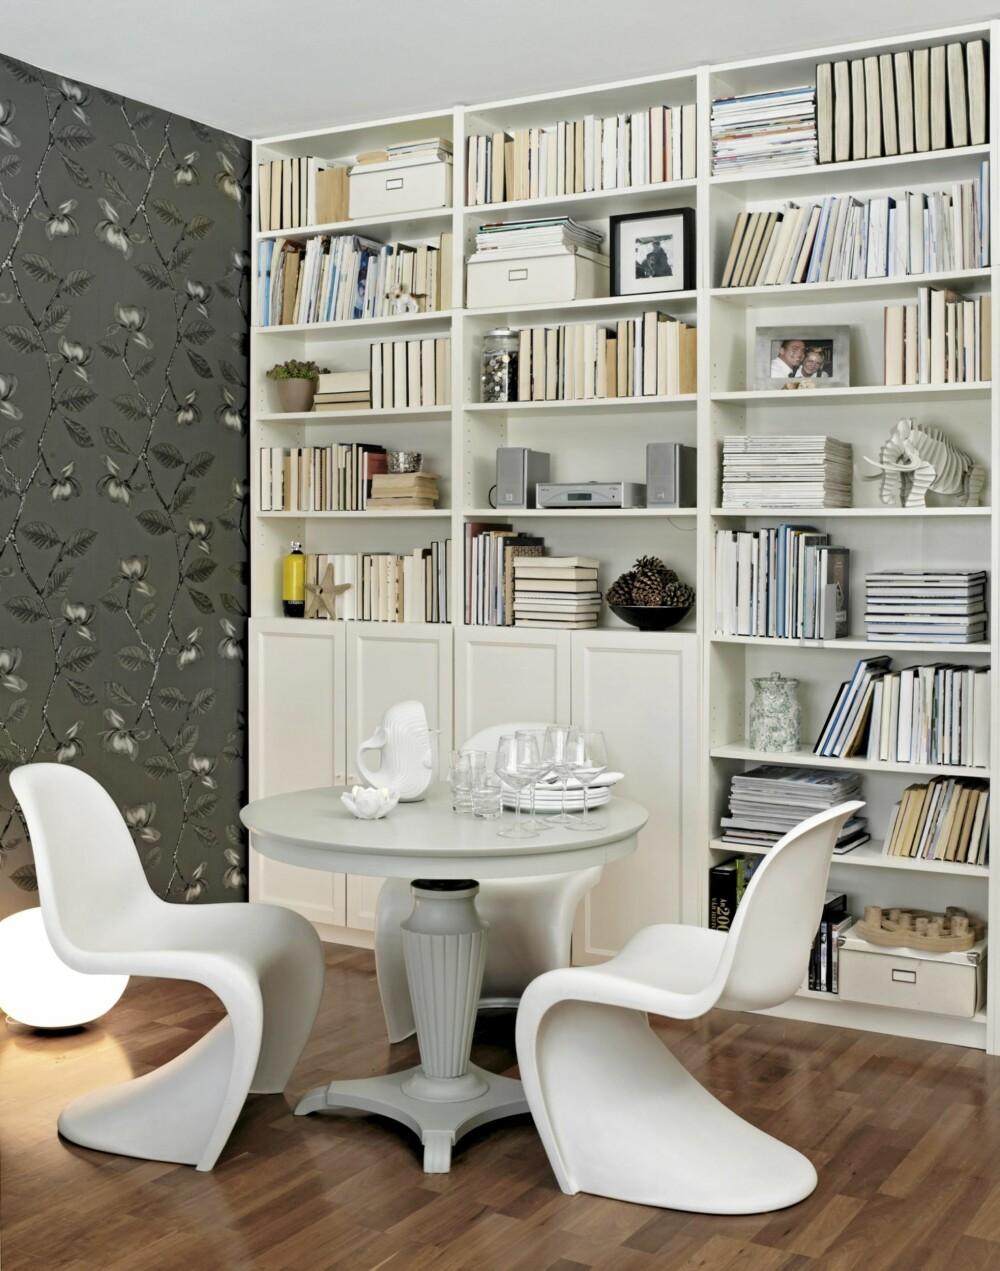 SPISESTUEKROK: Bokveggen er det første man legger merker til. Siden blir den mer og mer usynlig. Tapetet er fra Ruths design, stolene fra Vitra og det regulerbare spillebordet er kjøpt i en antikvitetsbutikk.